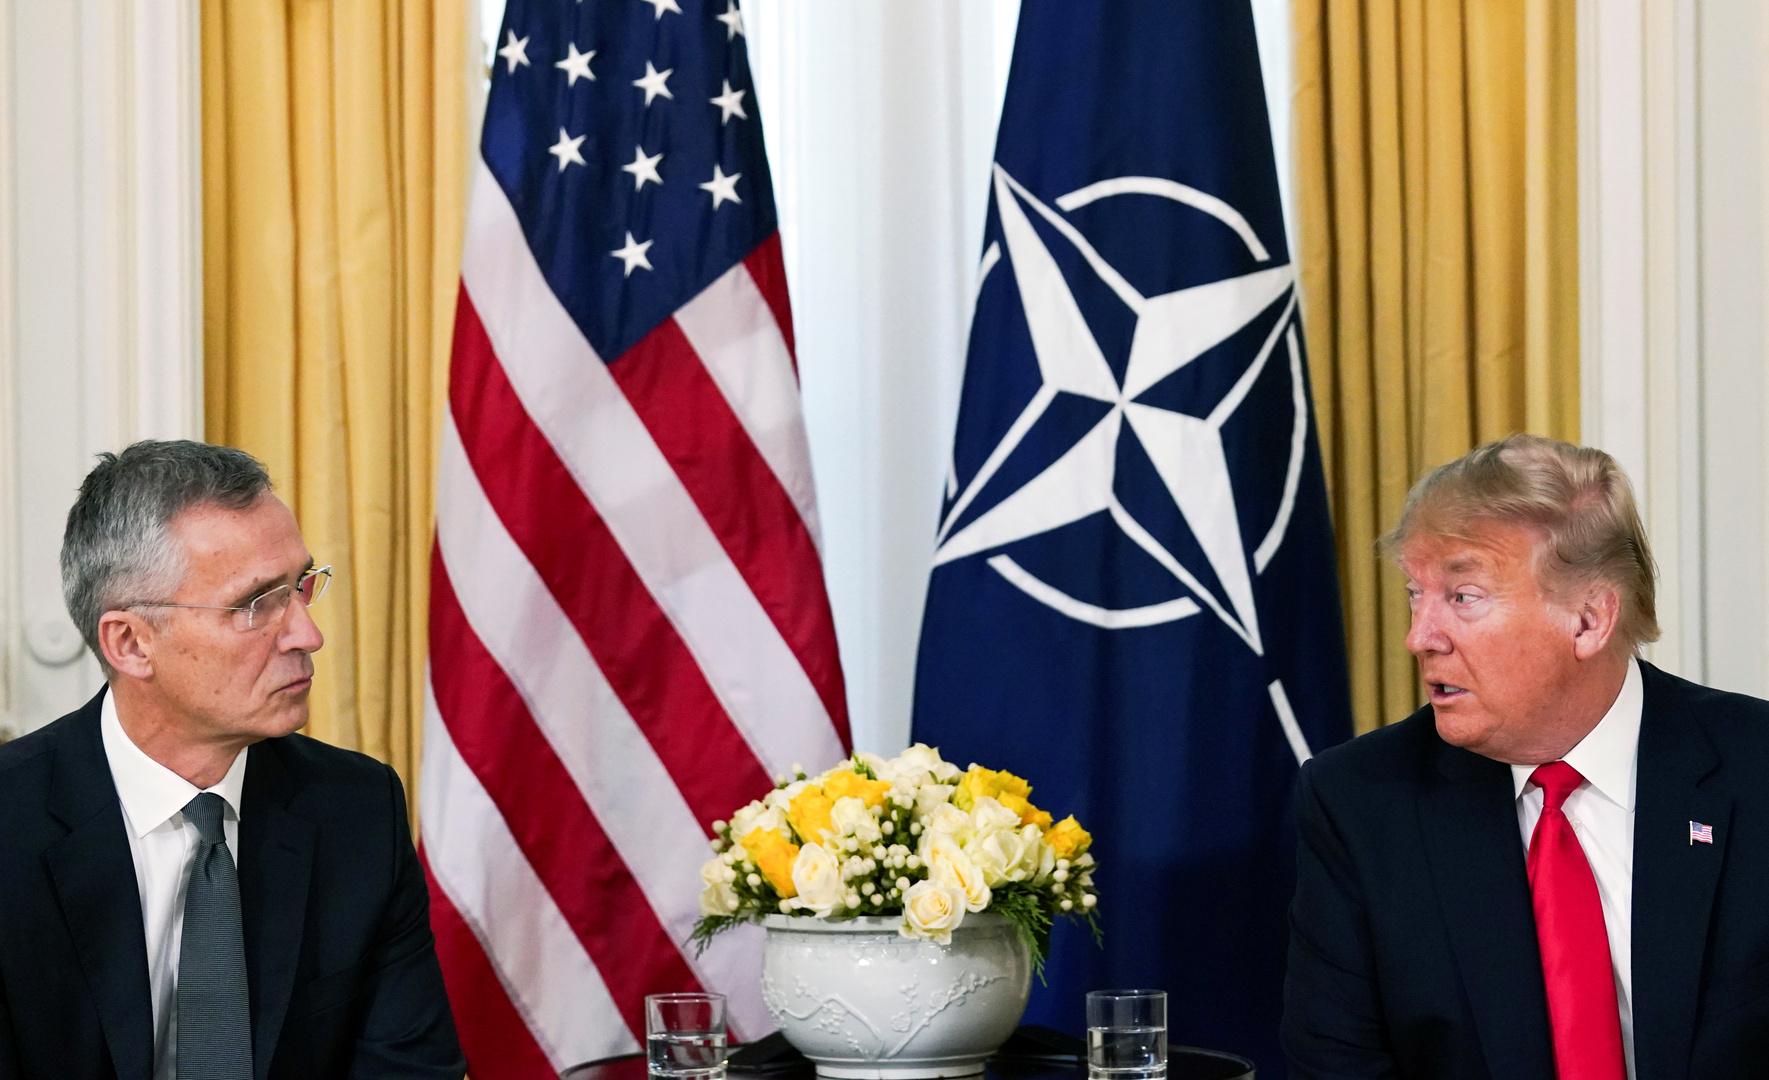 ترامب يؤكد رغبته في التوصل لاتفاق مع روسيا للحد من انتشار الأسلحة